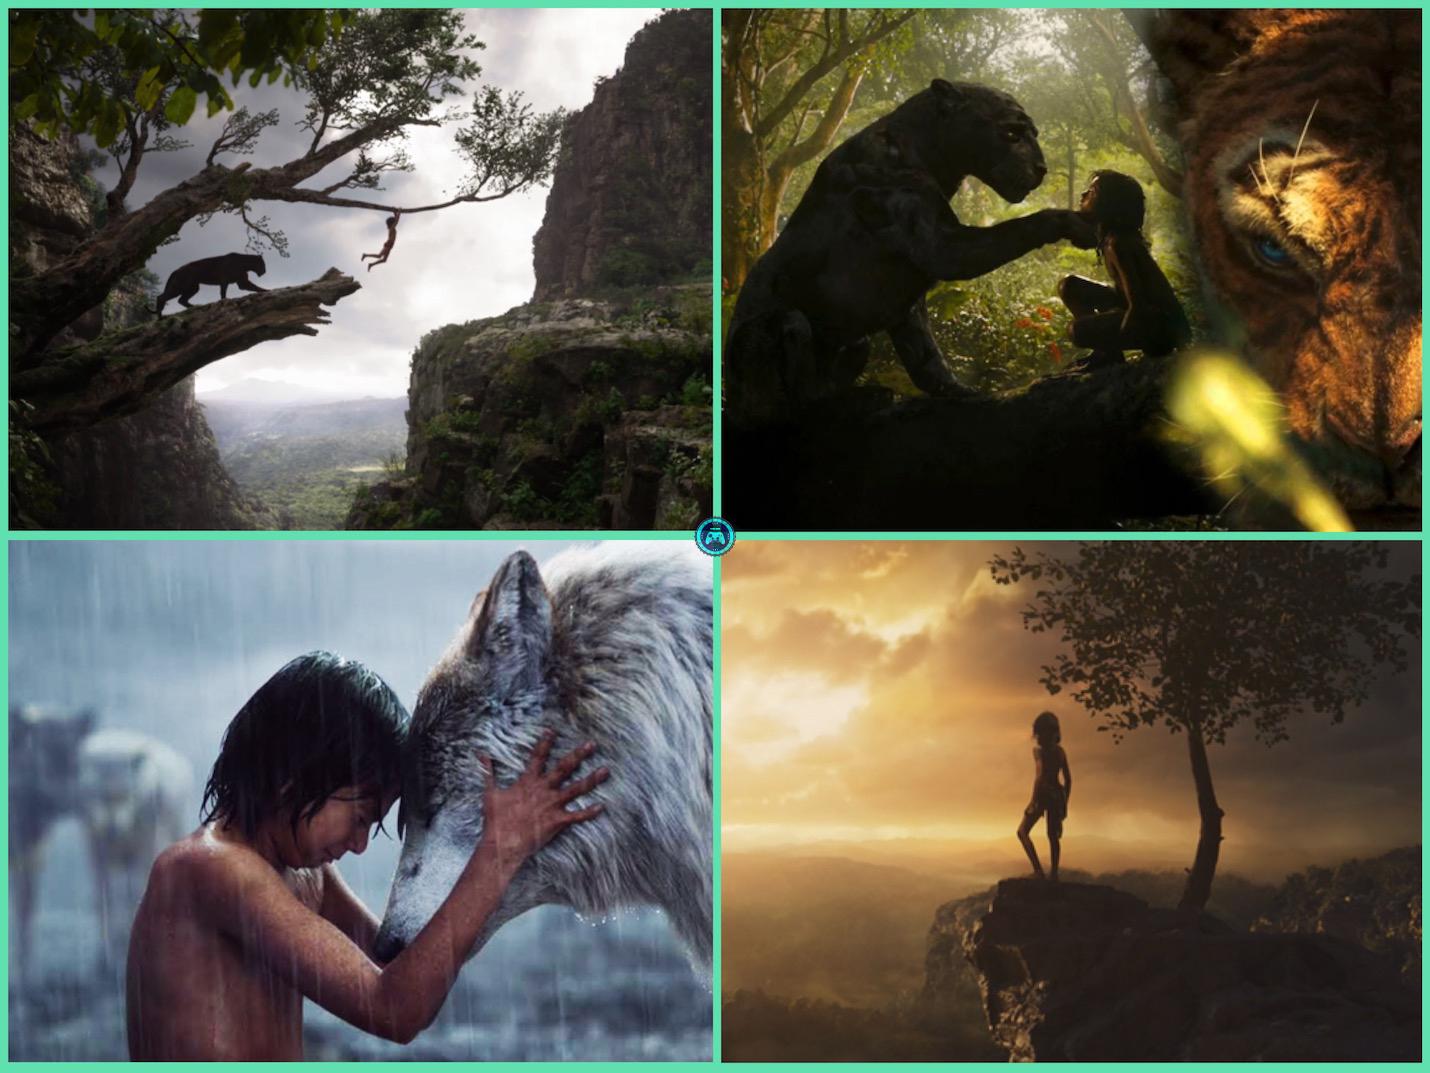 il-libro-della-giungla-disney-film-netflix-considerazioni-riflessioni-natura-insta-thoughts-cinema